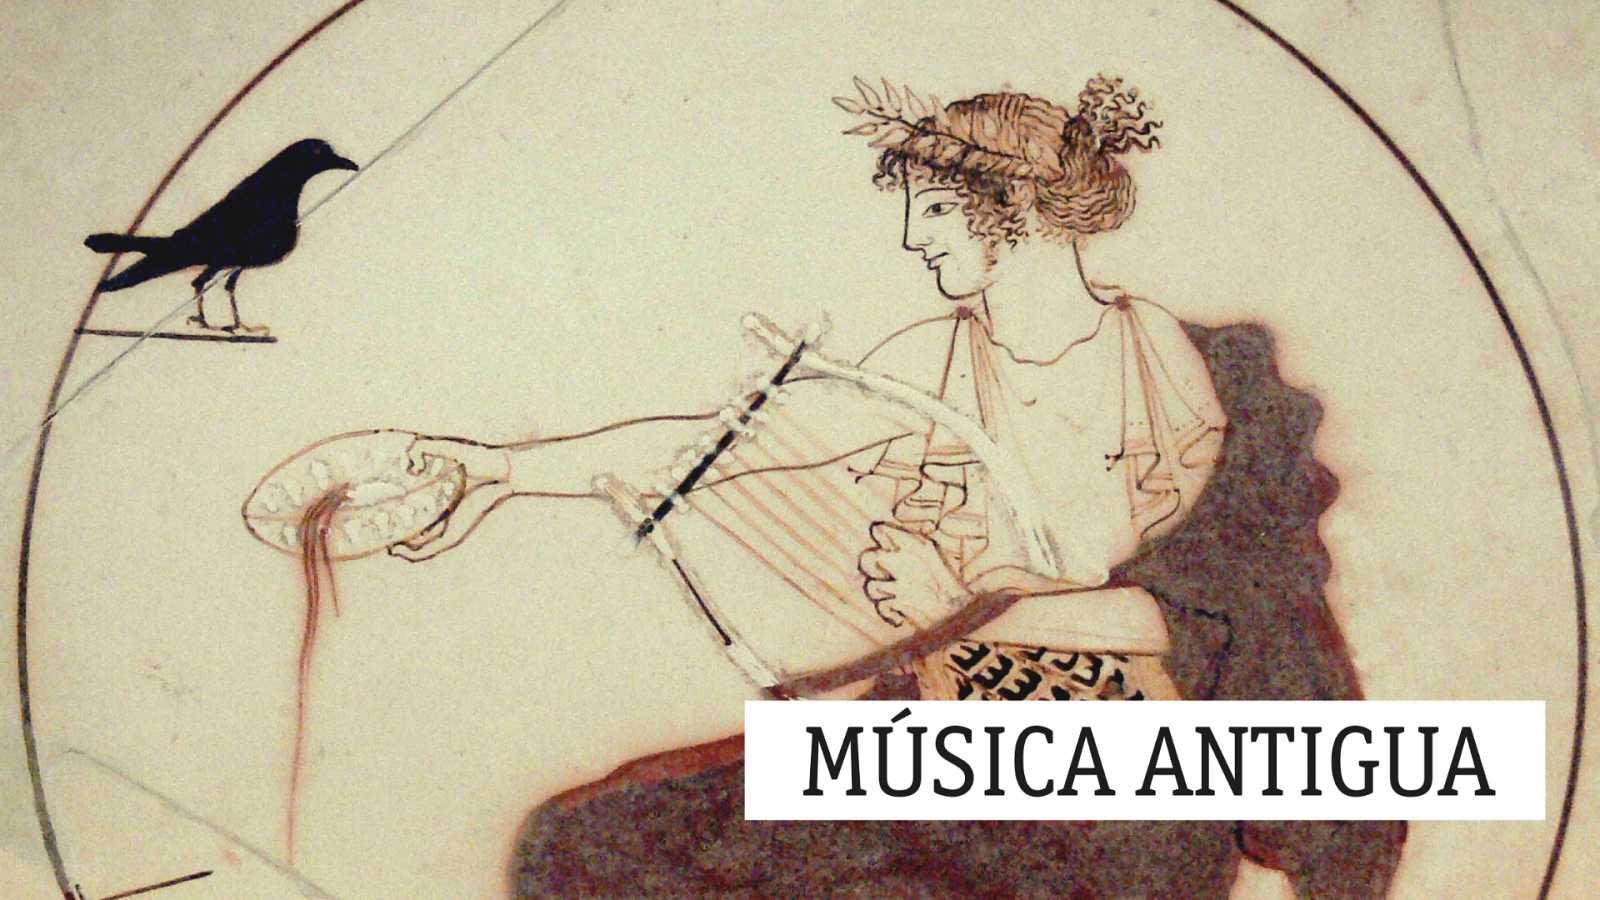 Música antigua - Para todos... la Primavera - 05/05/20 - escuchar ahora